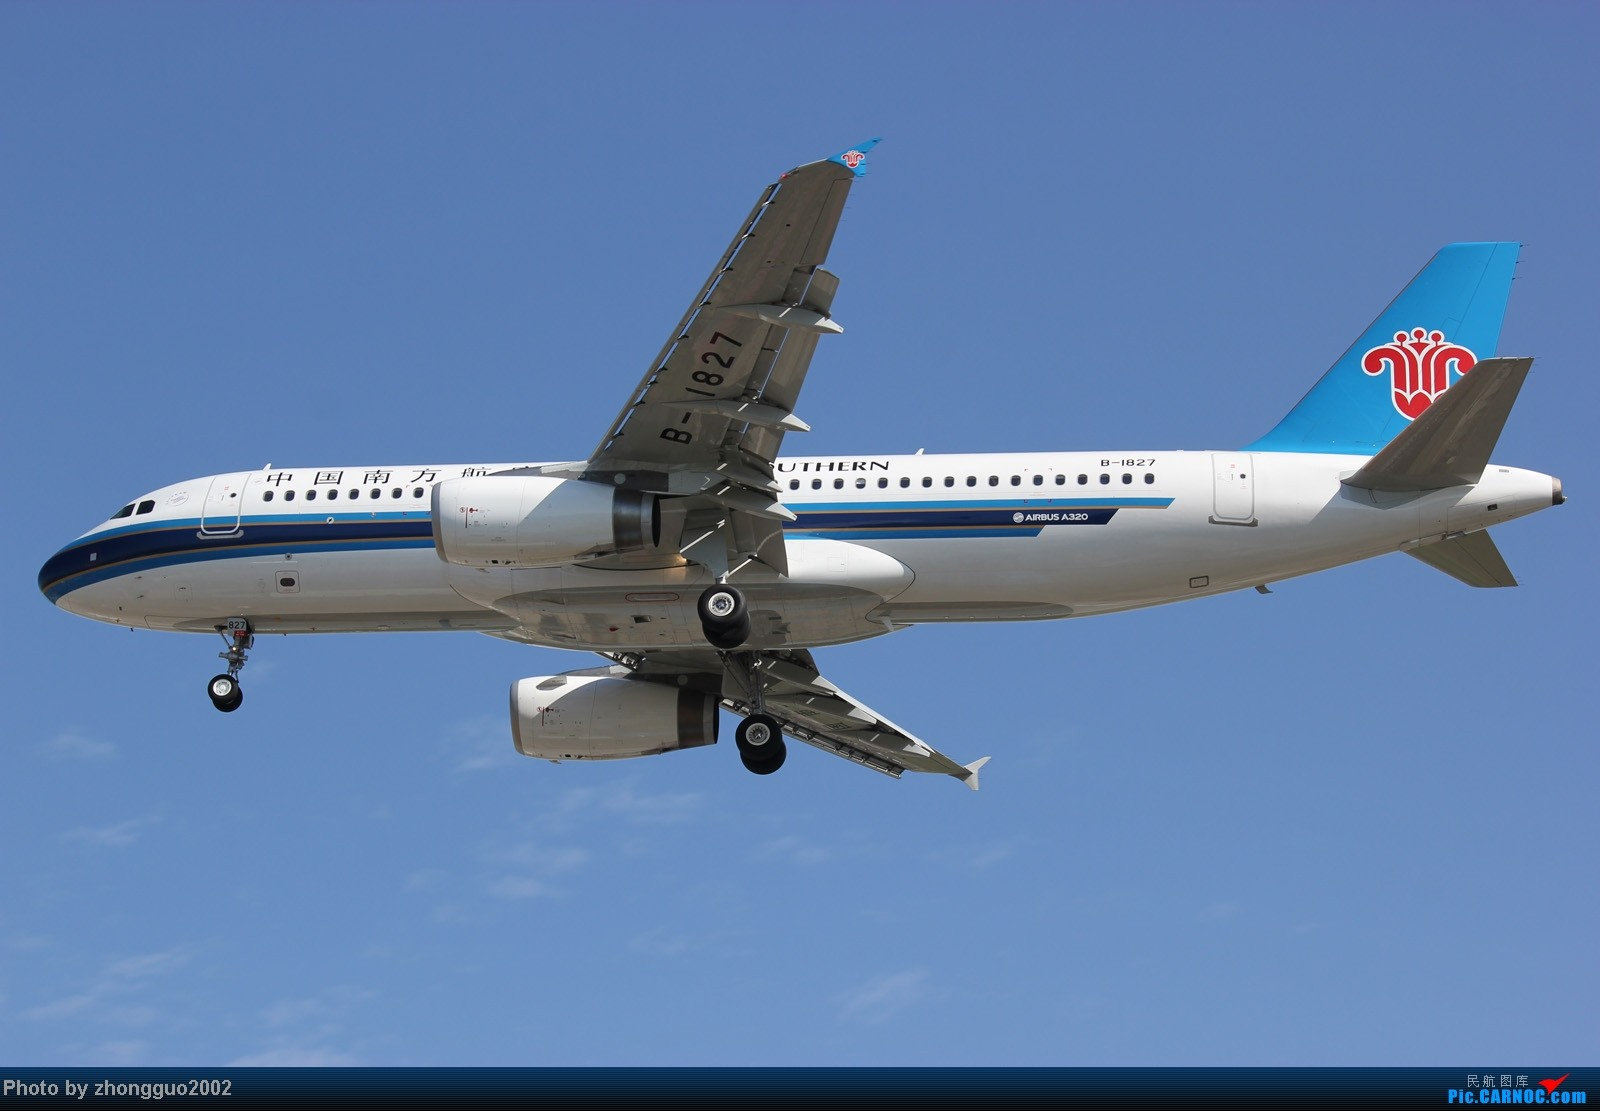 Re:[原创]东航的新邮戳321,世博彩绘机,南航、瑞丽、河北、深圳航空的新飞机,香港航空、长荣航空、远东、韩国济州航空的飞机,国航772,大大小小一堆飞机!!!! AIRBUS A320-200 B-1827 中国呼和浩特白塔机场